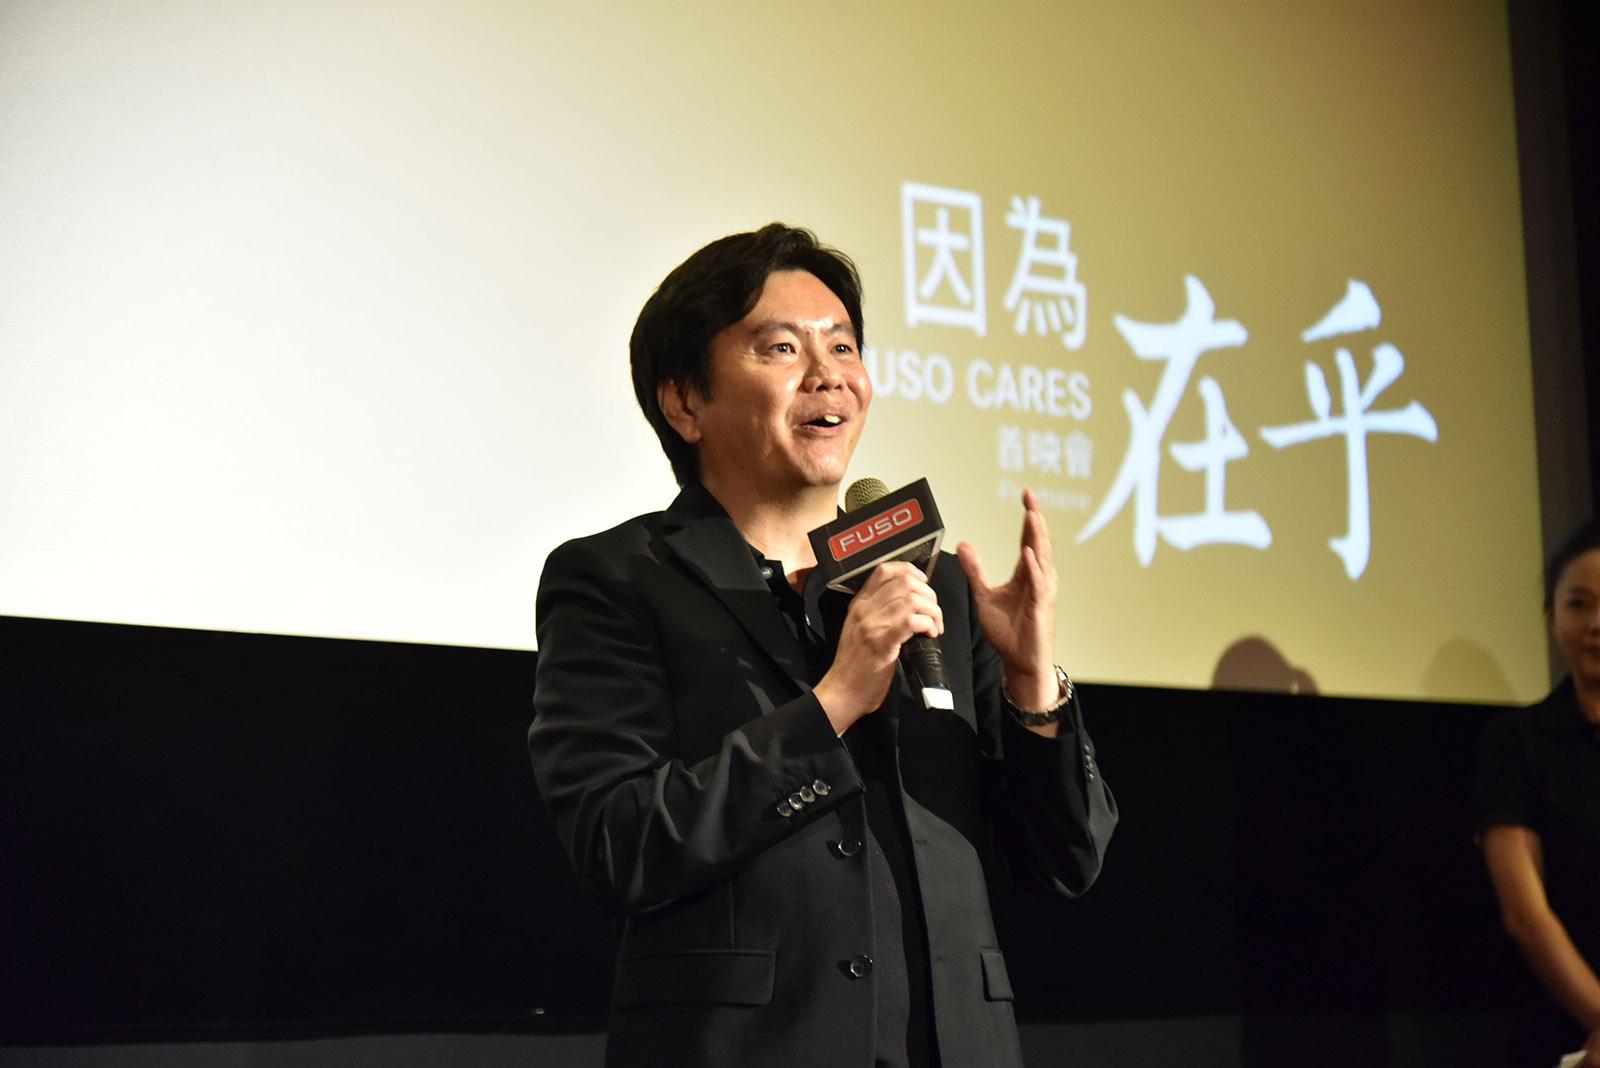 DTAT執行長王立山表示,FUSO進入台灣超過60年,客戶就是FUSO最重要的品牌資產